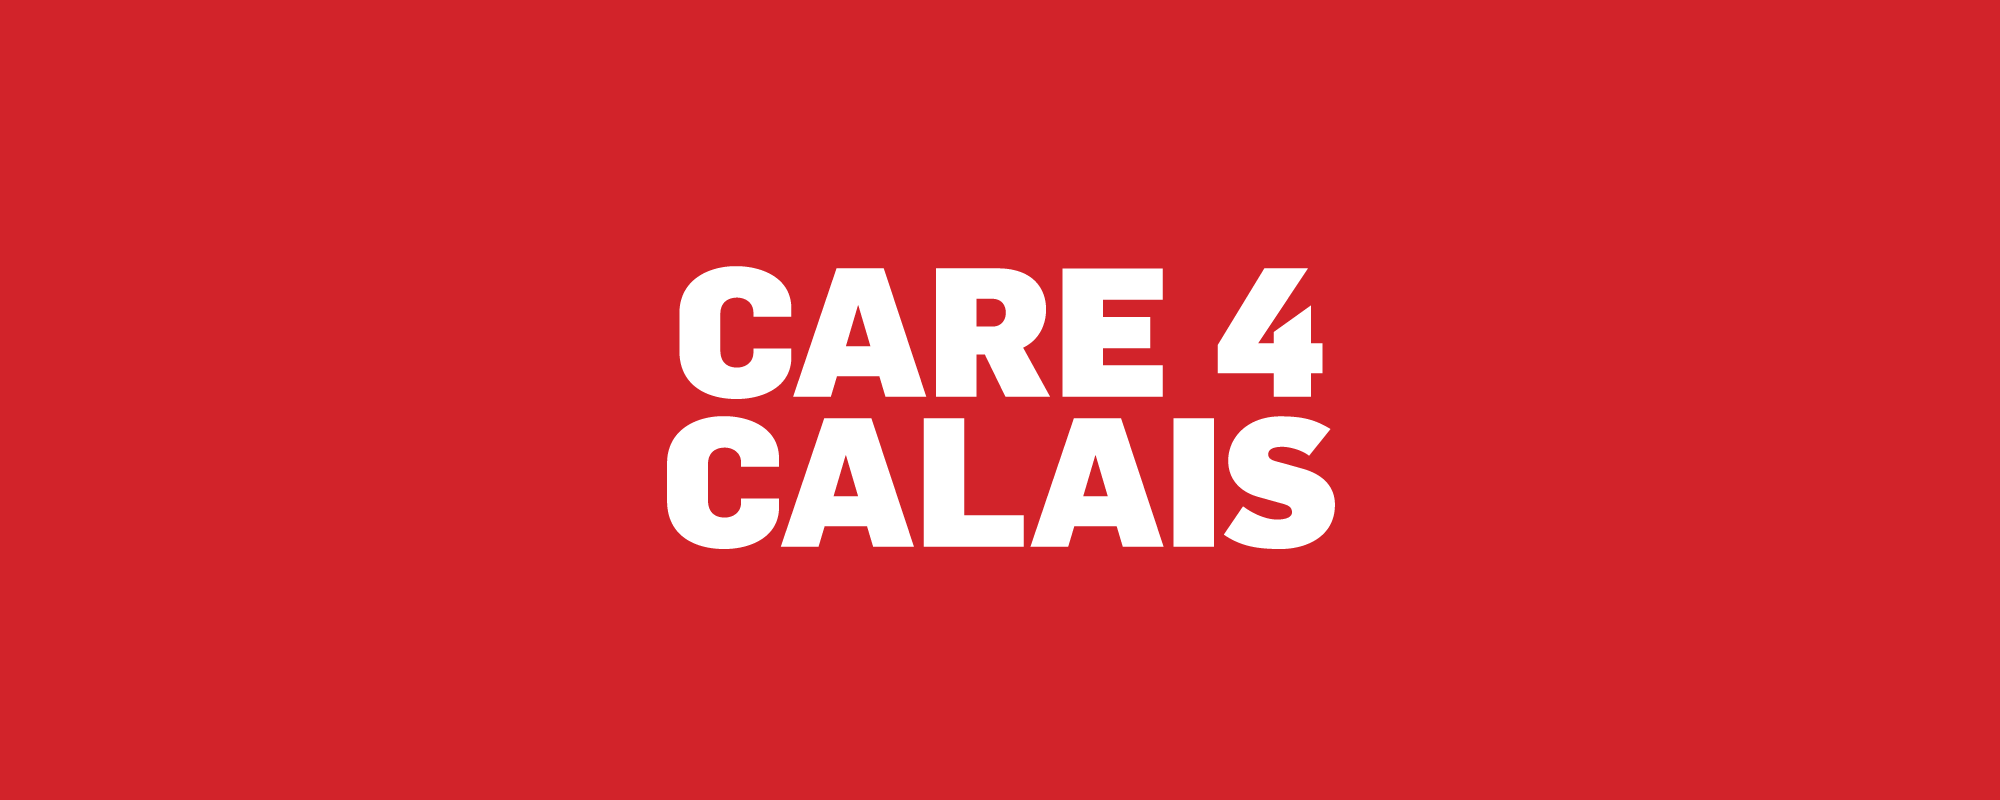 CARE 4 CALAIS.png